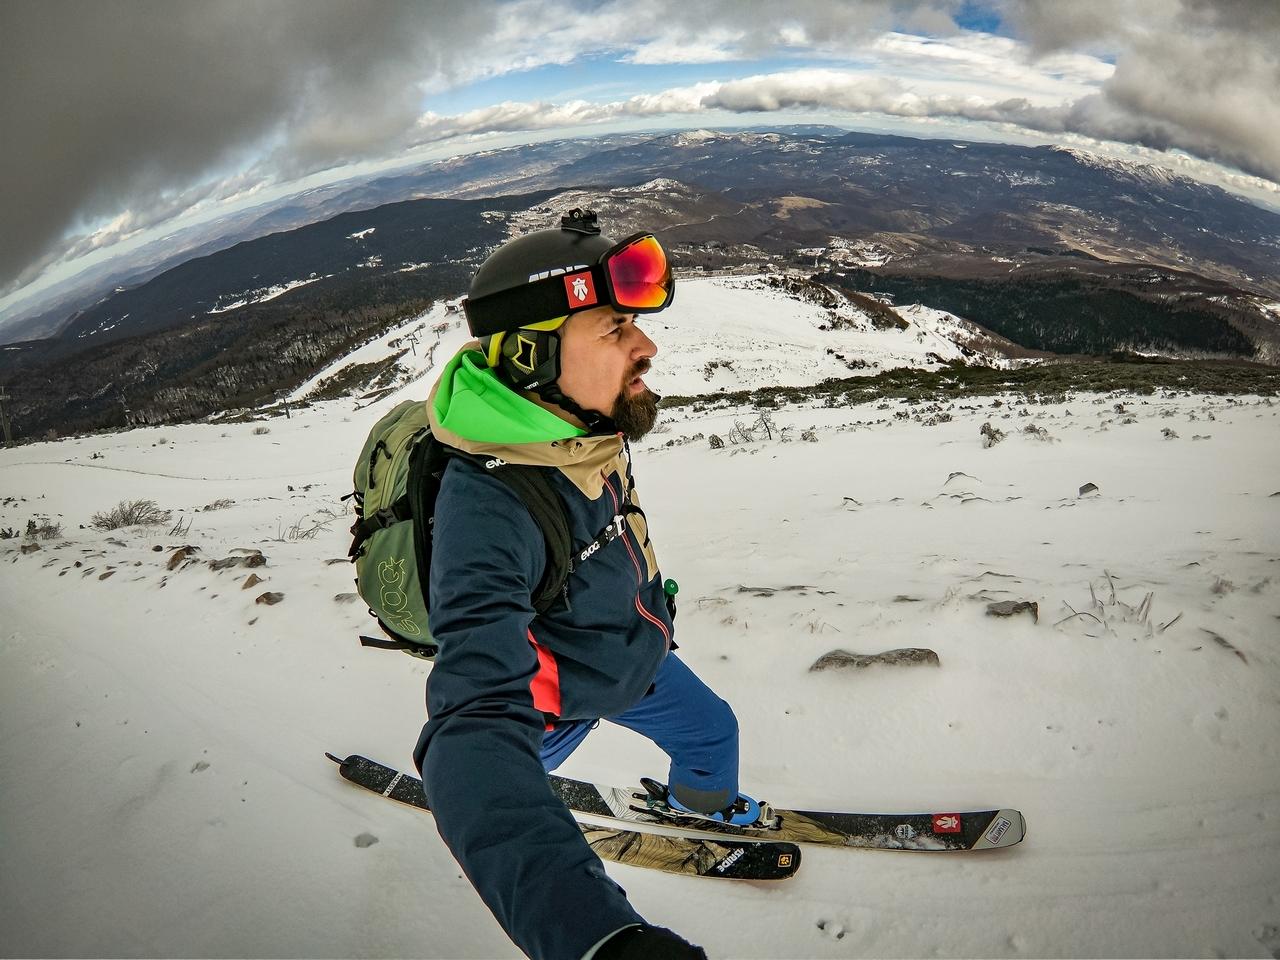 balkanska wyprawa skiturowa